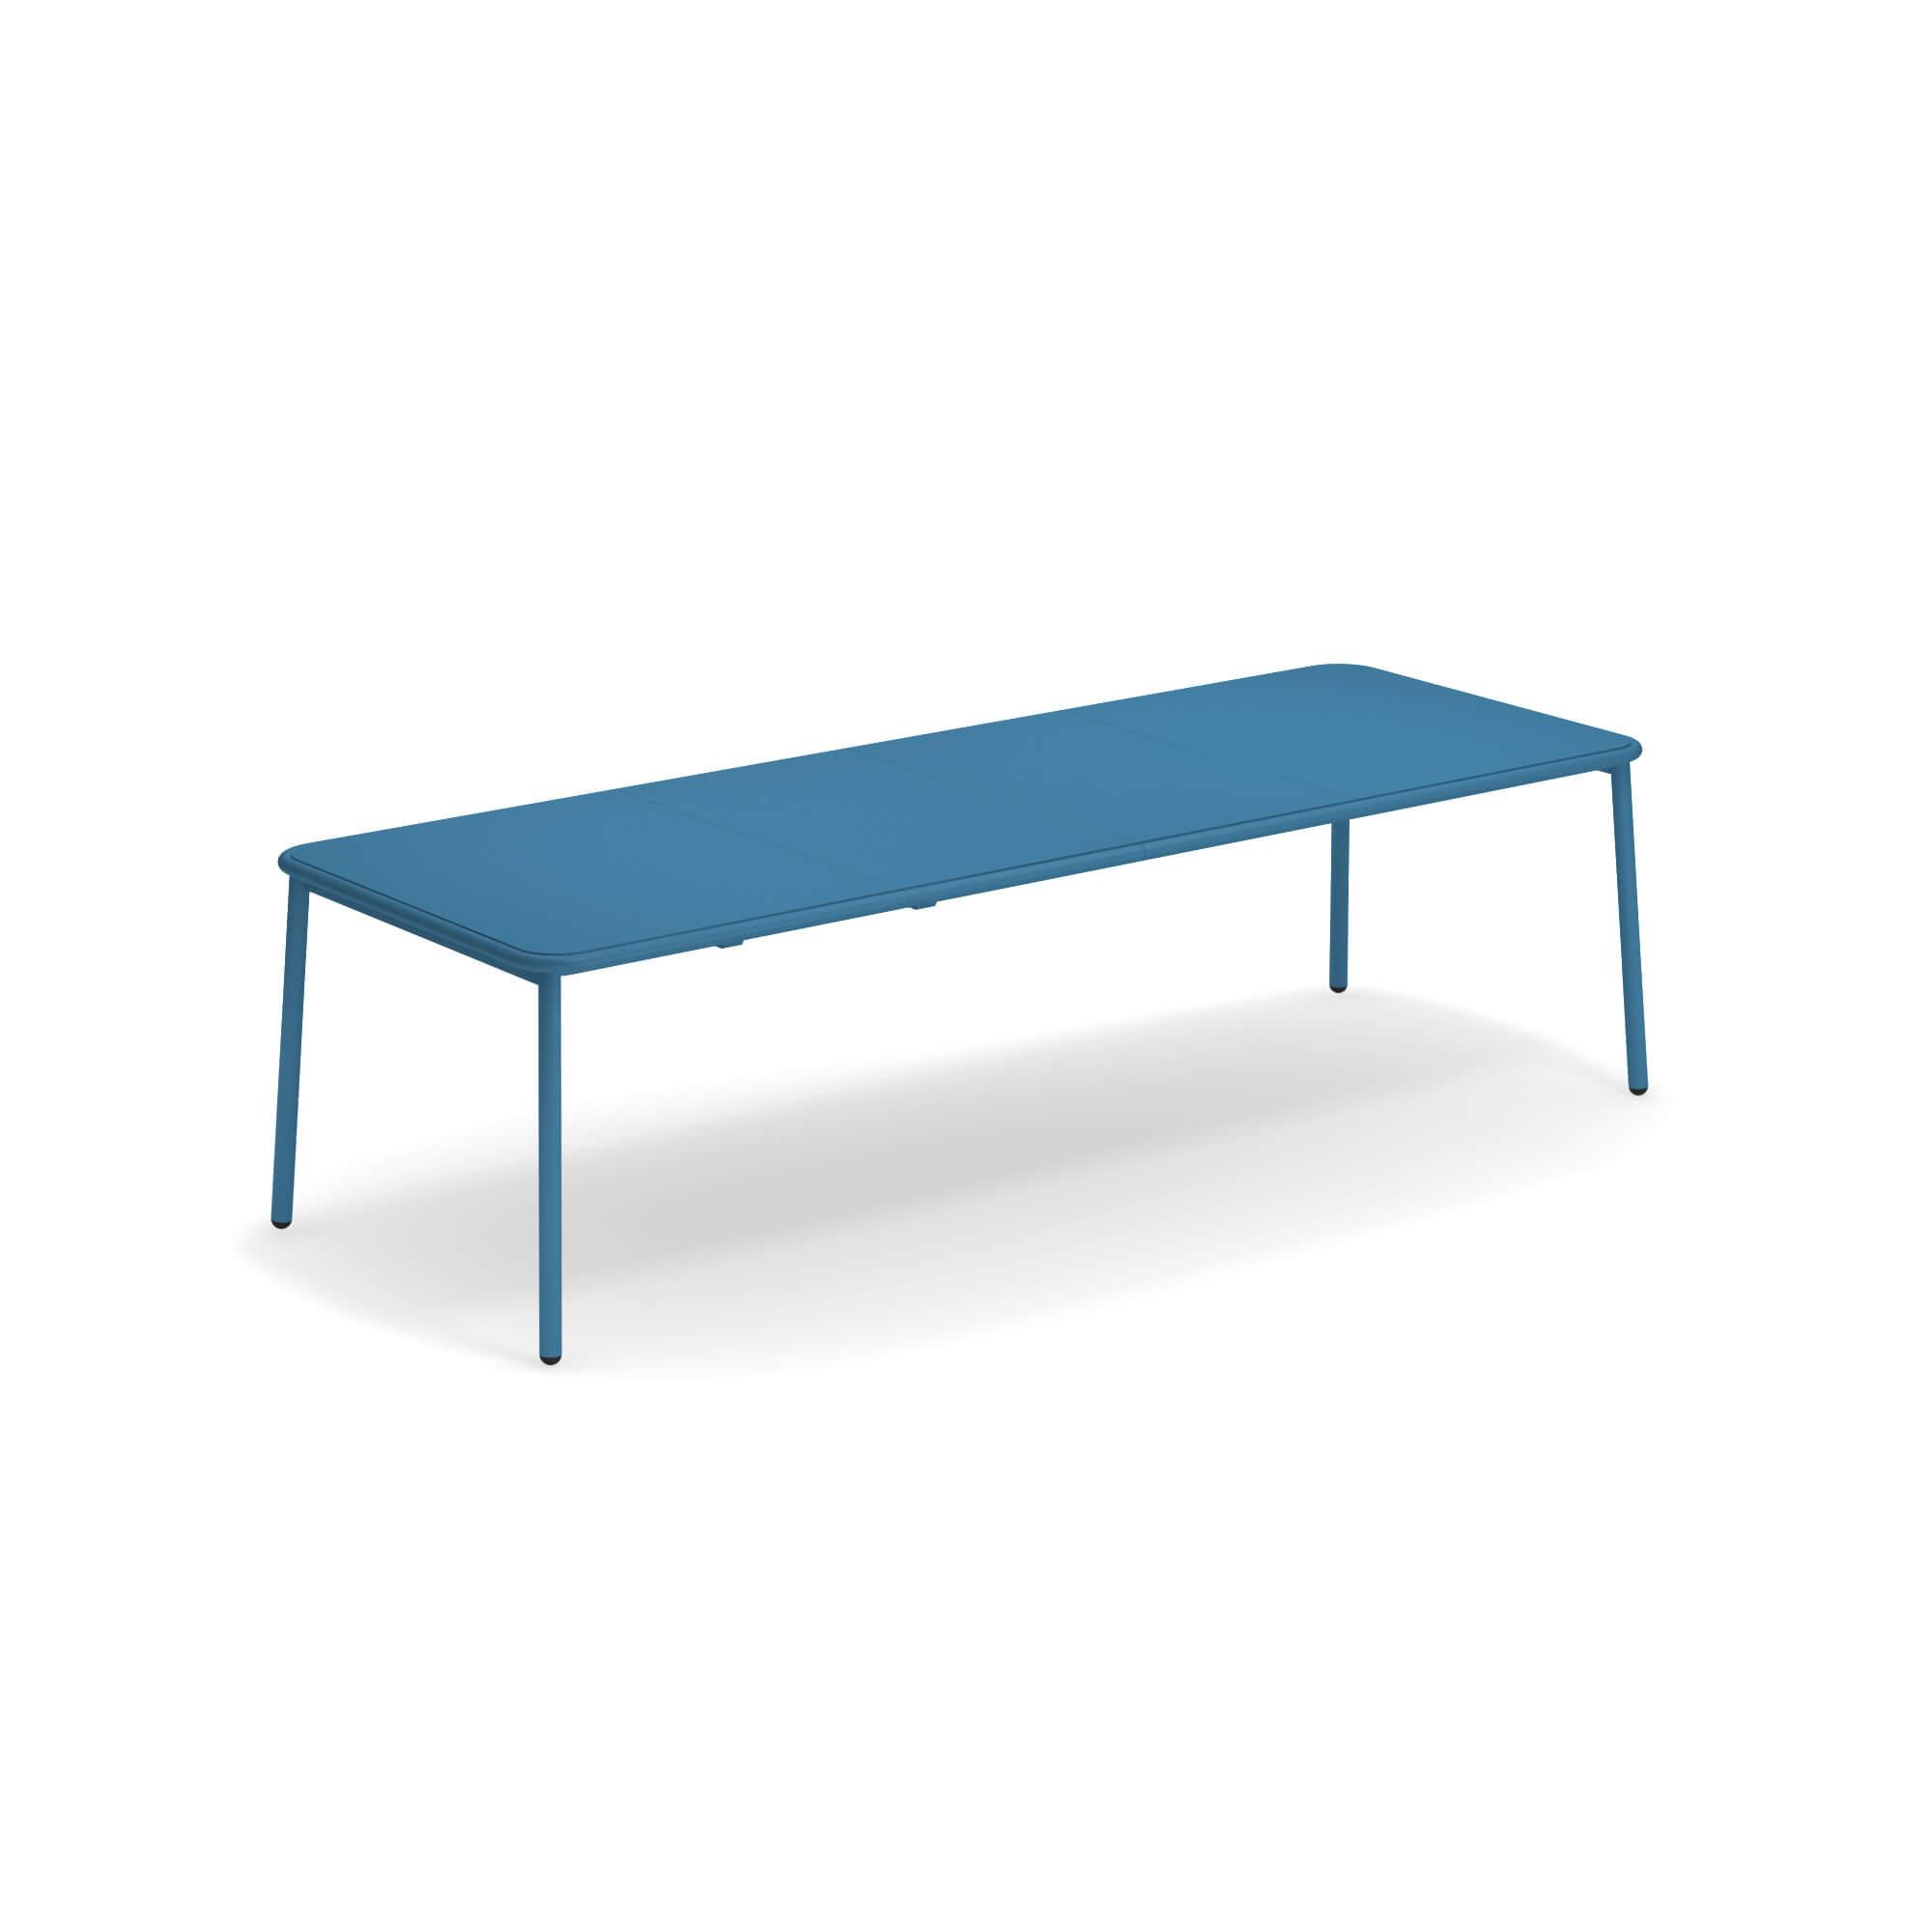 Table extensible plateau en aluminium pour jardin / extérieur en ...